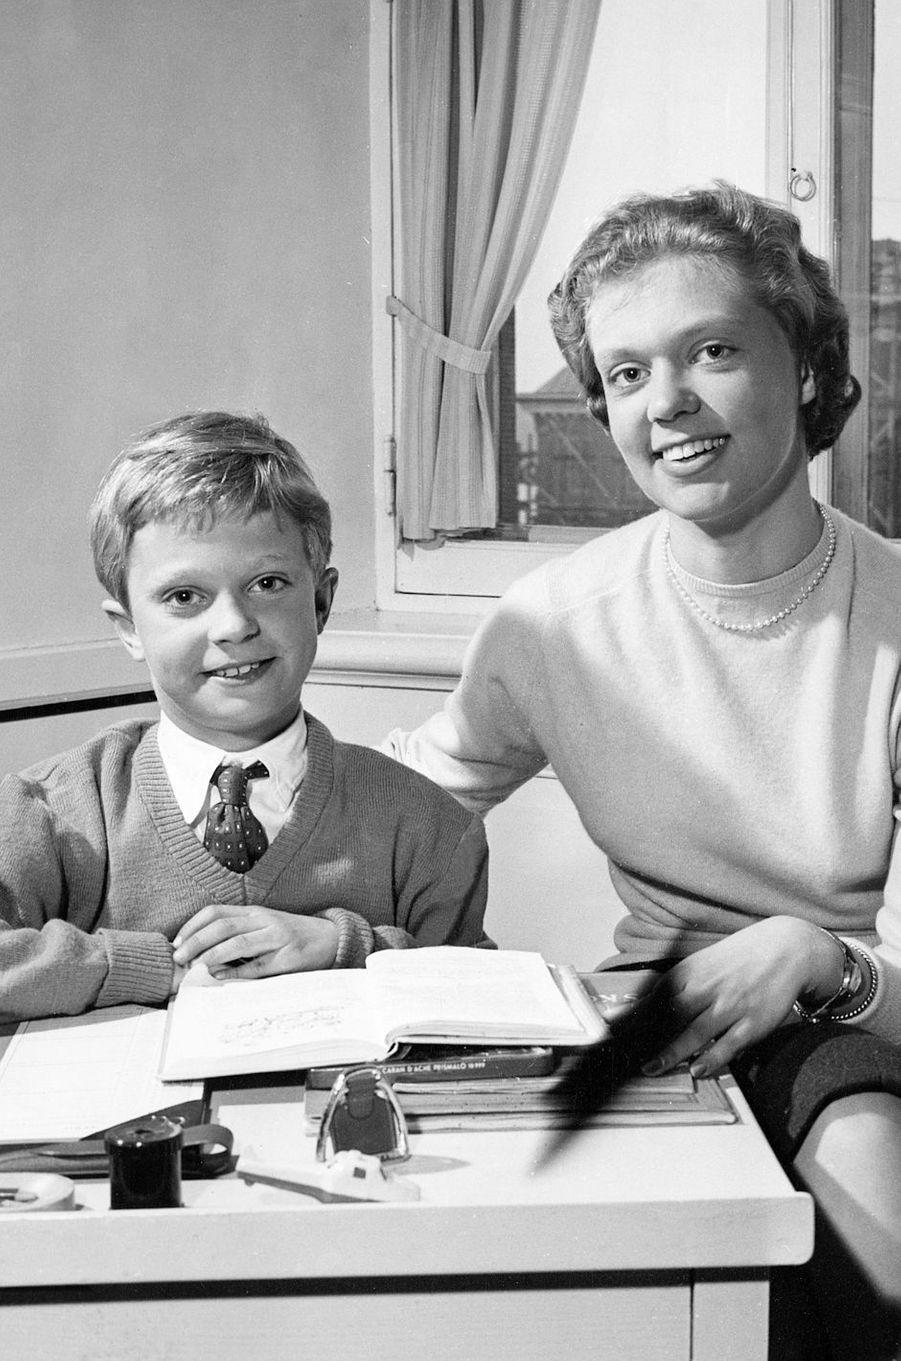 La princesse Birgitta de Suède, avec son frère le futur roi Carl XVI Gustaf âgé de 10 ans, en avril 1956